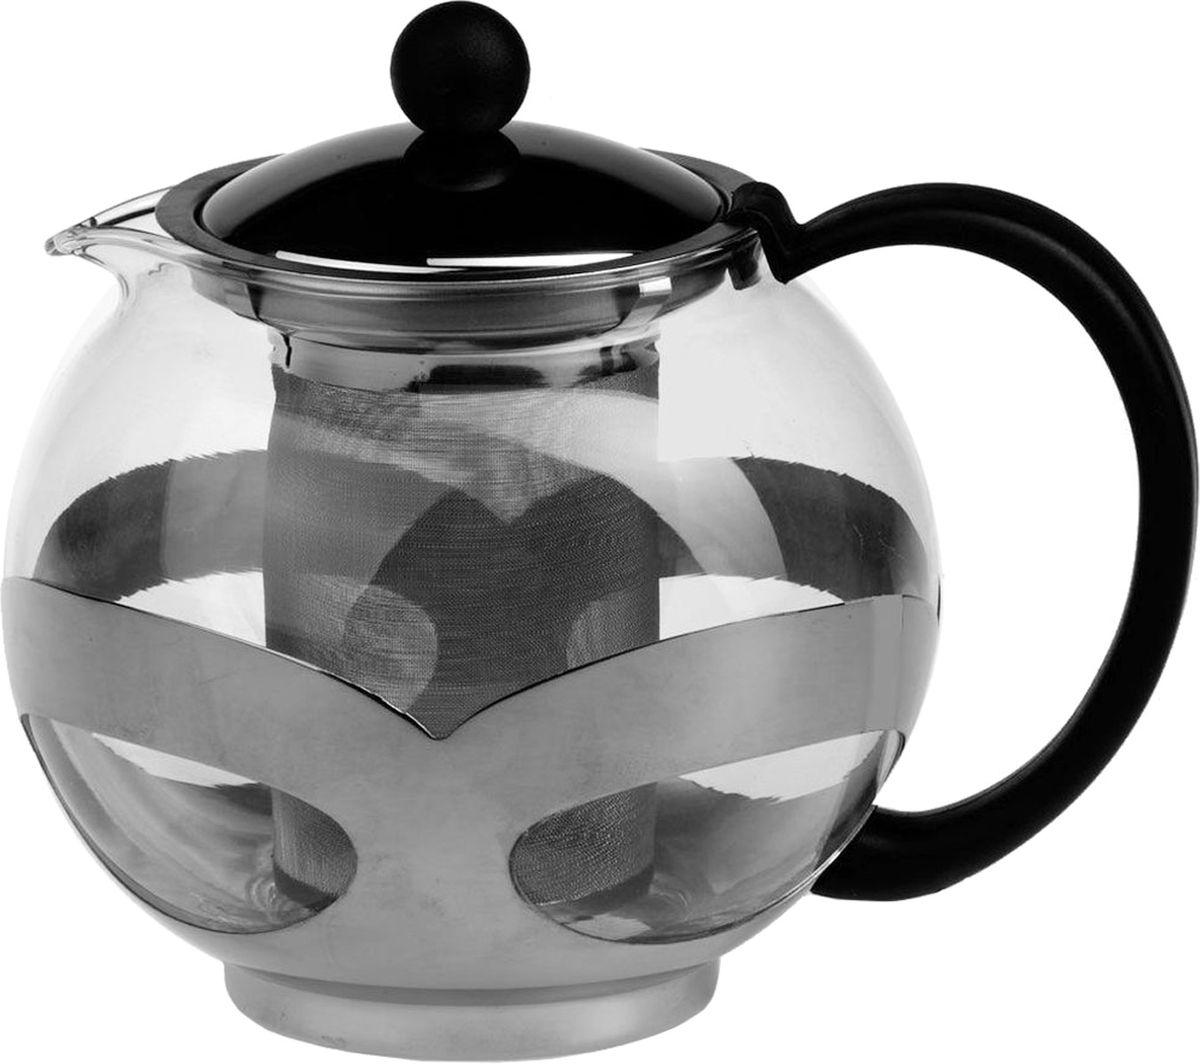 """Заварочный чайник """"Gotoff"""" изготовлен из жаропрочного стекла. Фильтр из высококачественной нержавеющей стали. Оправа выполнена из стали защищает колбу от ударов и повреждений. Объем: 750 мл."""